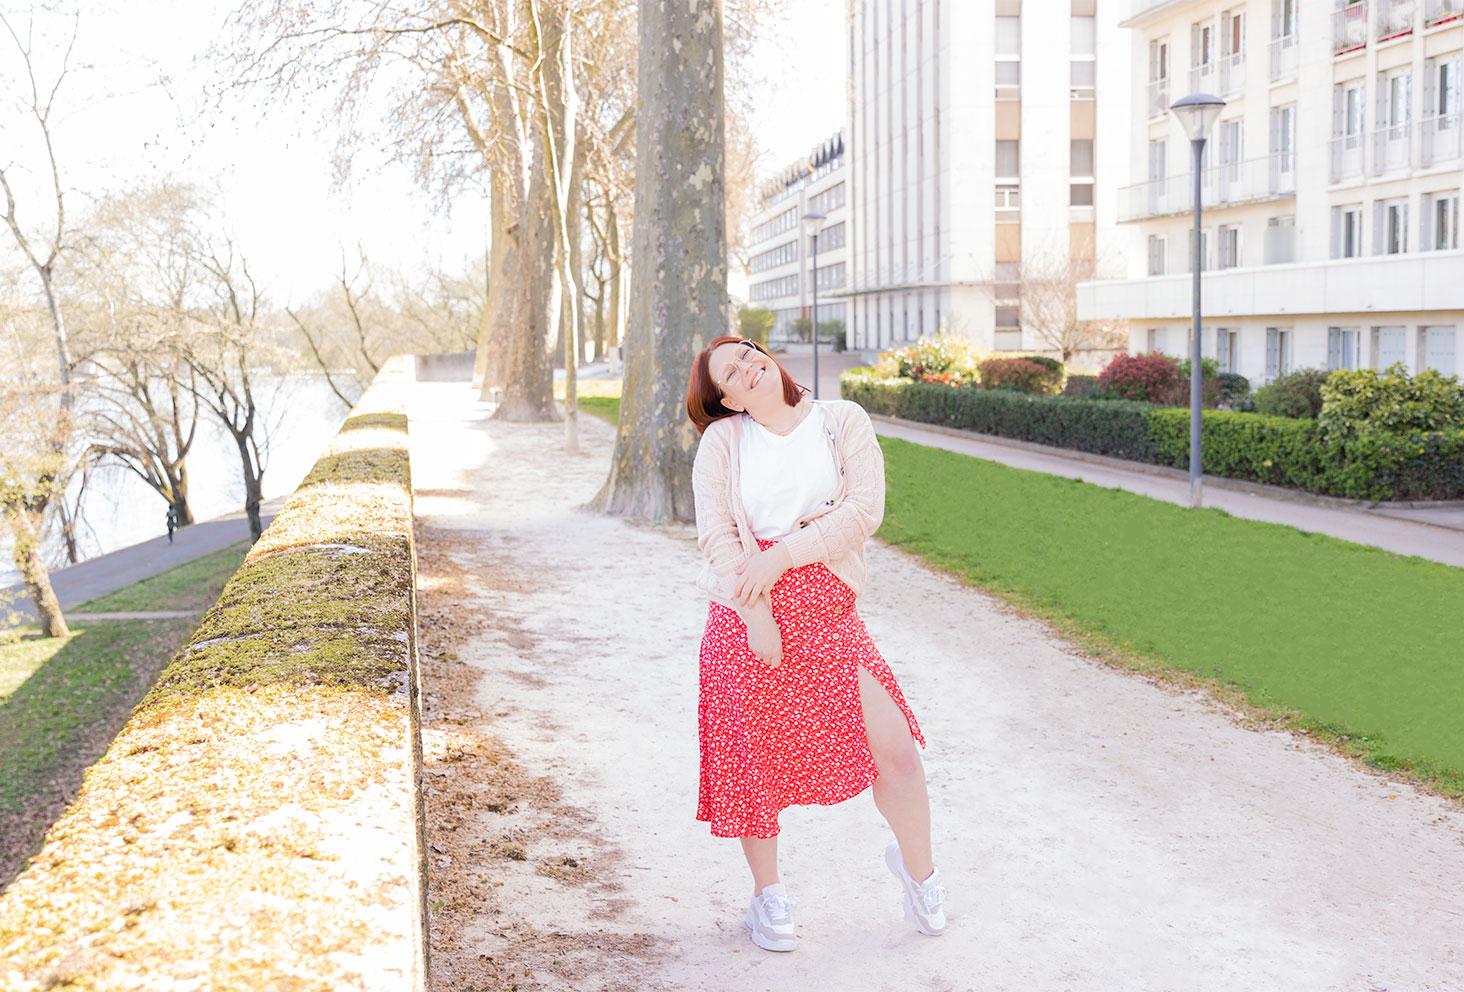 Jupe asymétrique rouge, gilet rose pastel et t-shirt blanc, avec une paire de baskets sur les bords de Loire